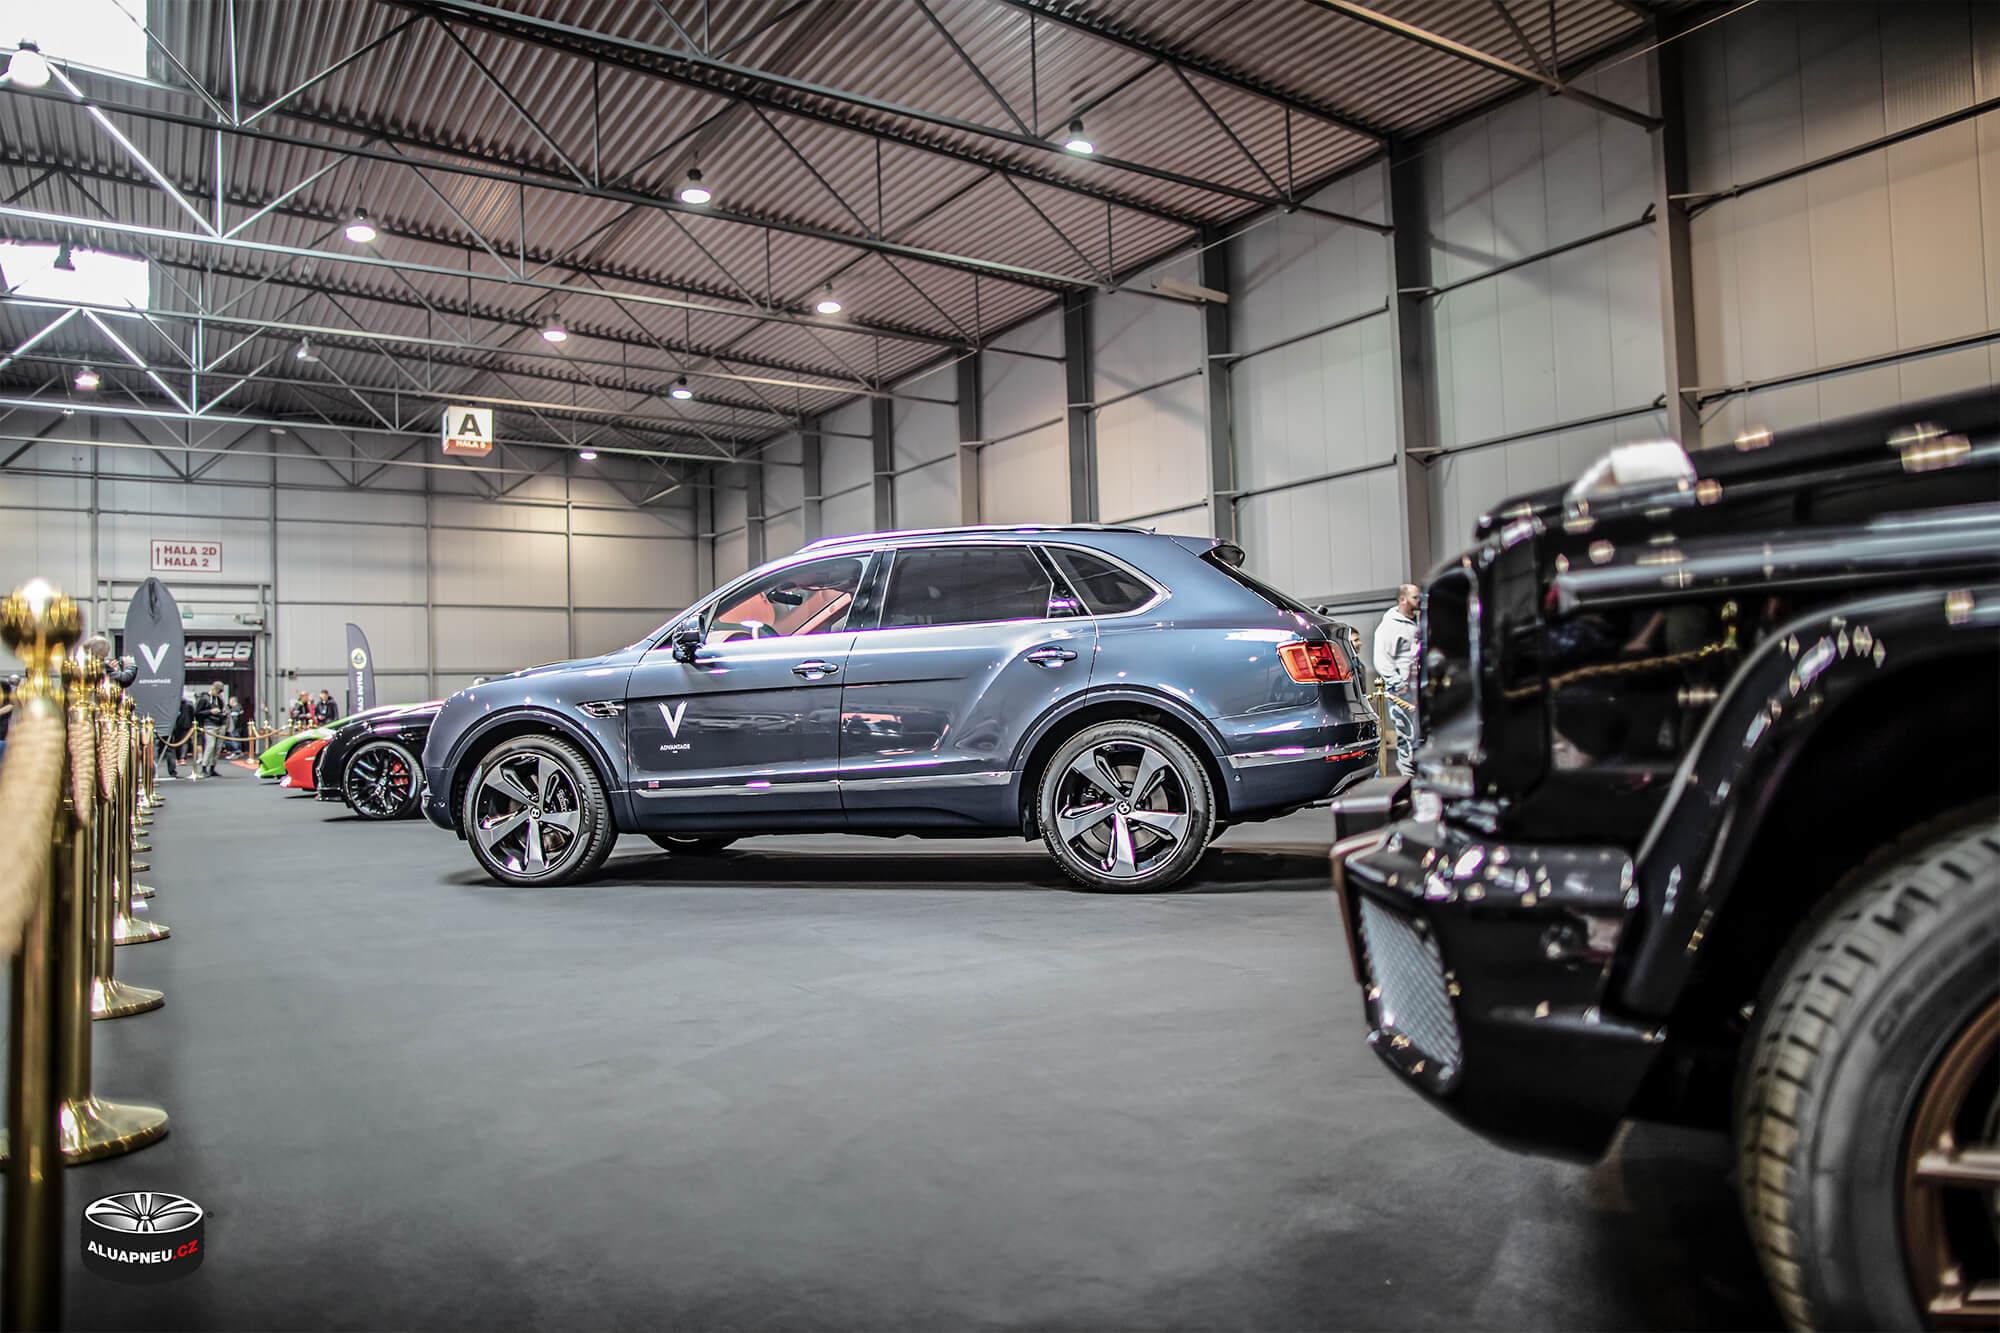 Bentley Bentayga - leštěné elektrony Bentley - Autosalon Praha 2019 - www.aluapneu.cz